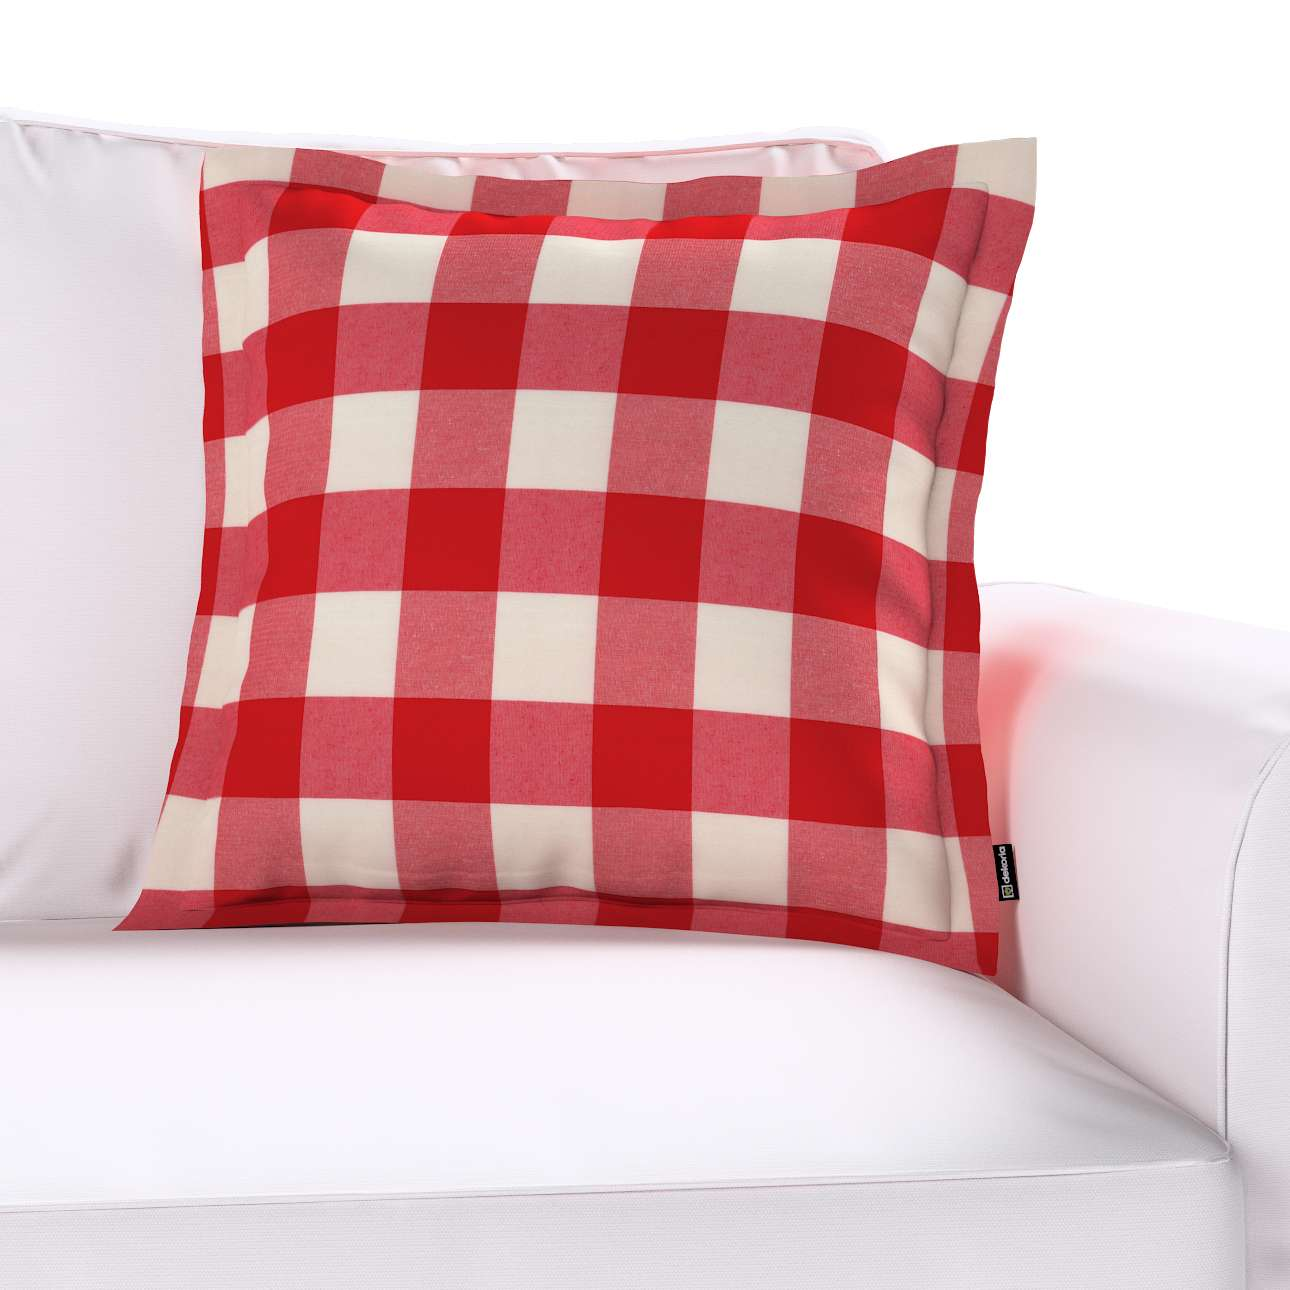 Poszewka Mona na poduszkę 45x45 cm w kolekcji Quadro, tkanina: 136-18